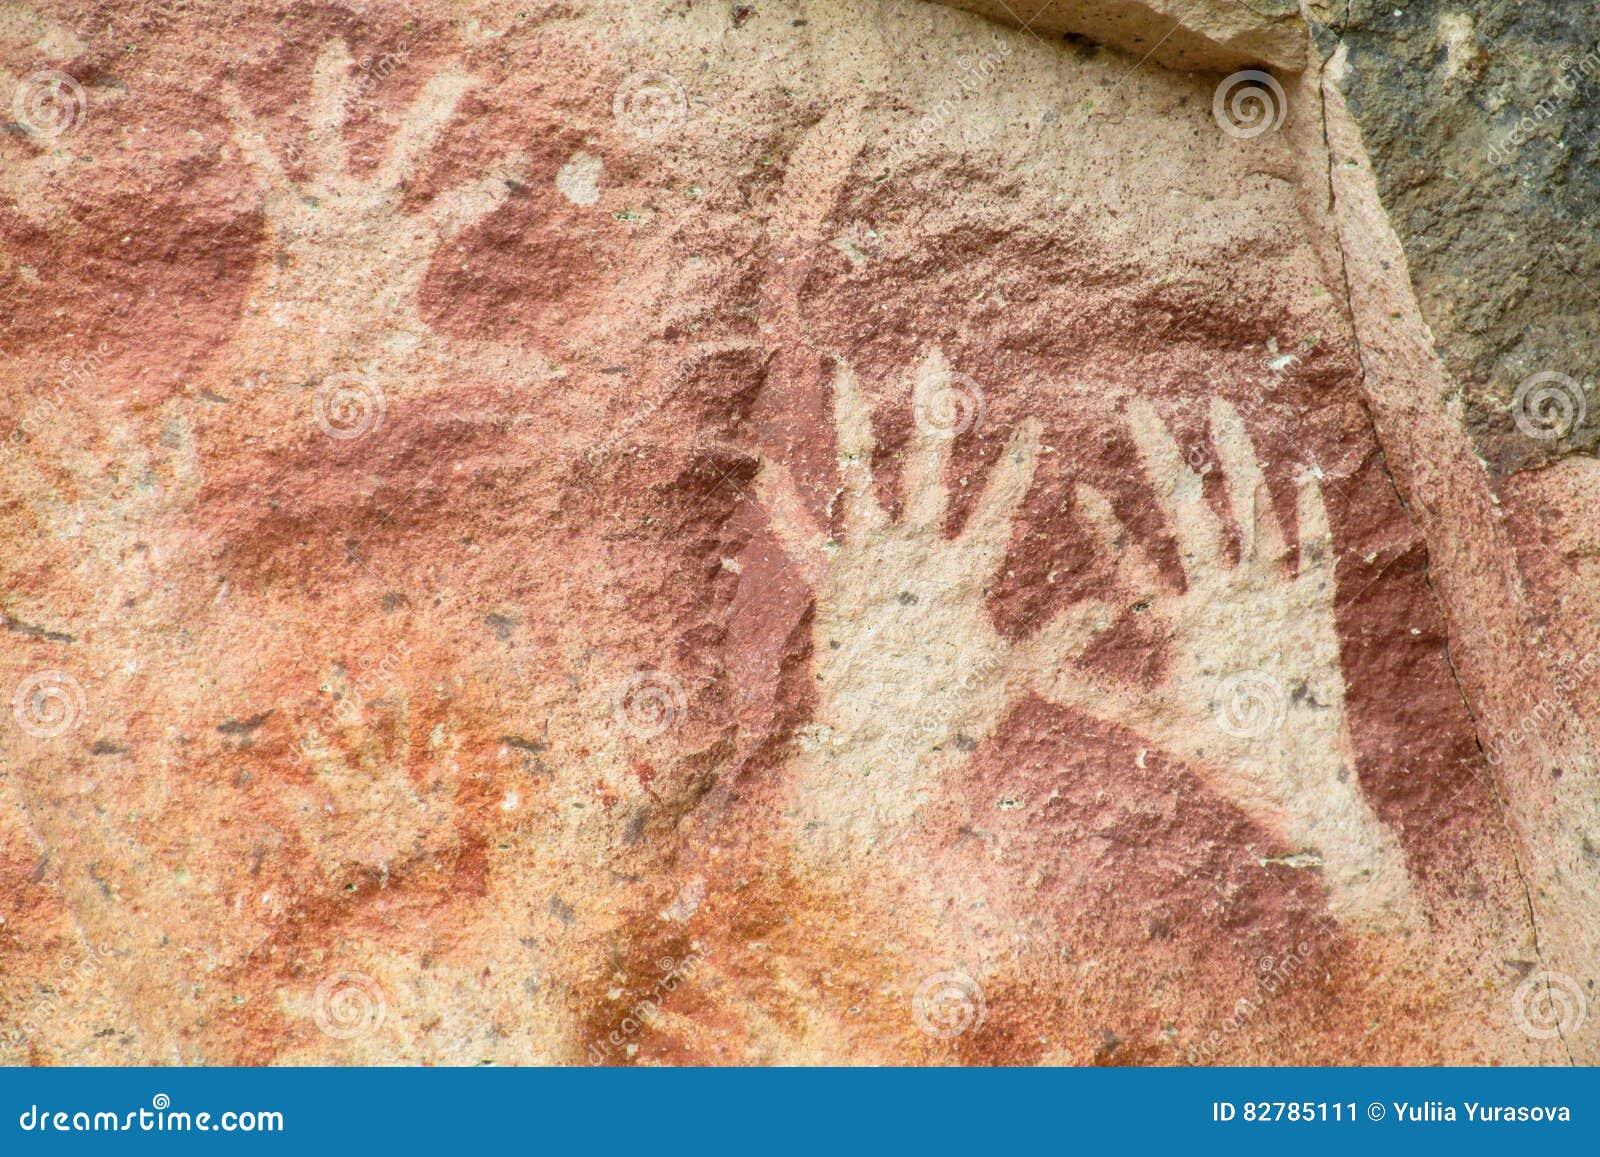 Impresiones de la mano en una pared de la cueva